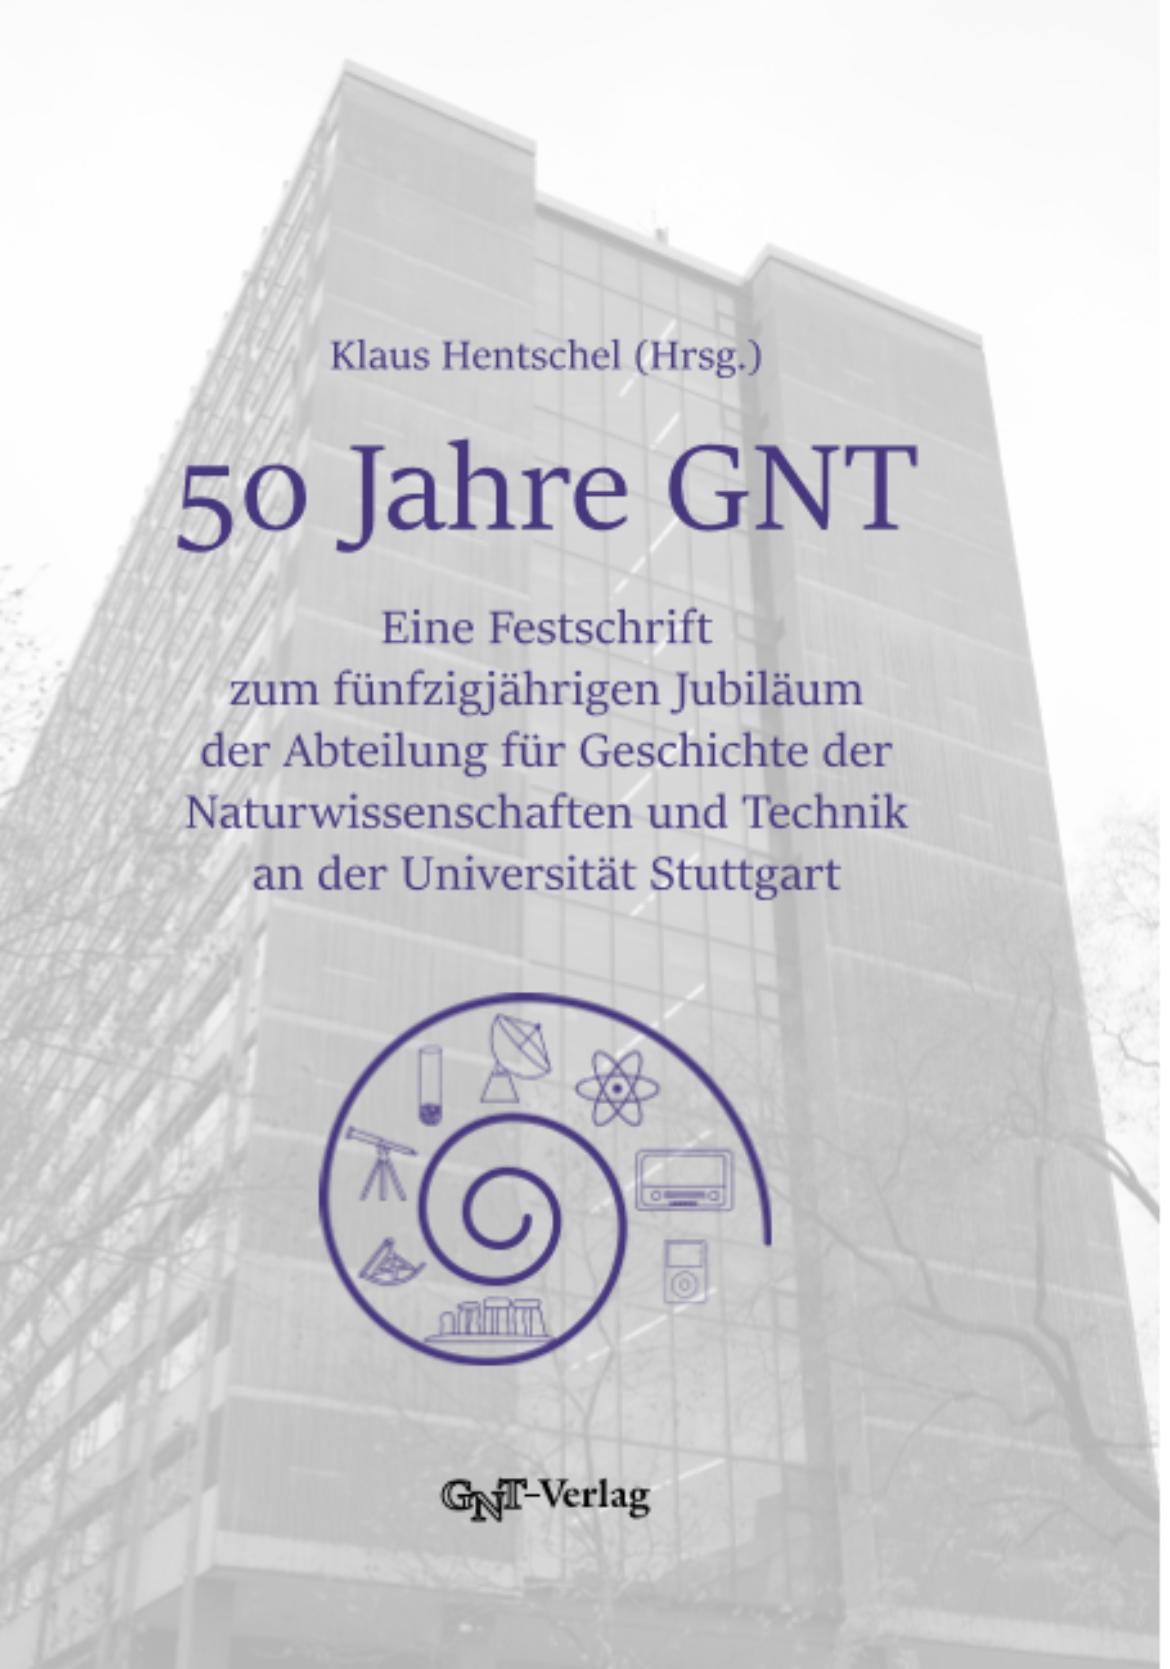 50 Jahre GNT  (c)